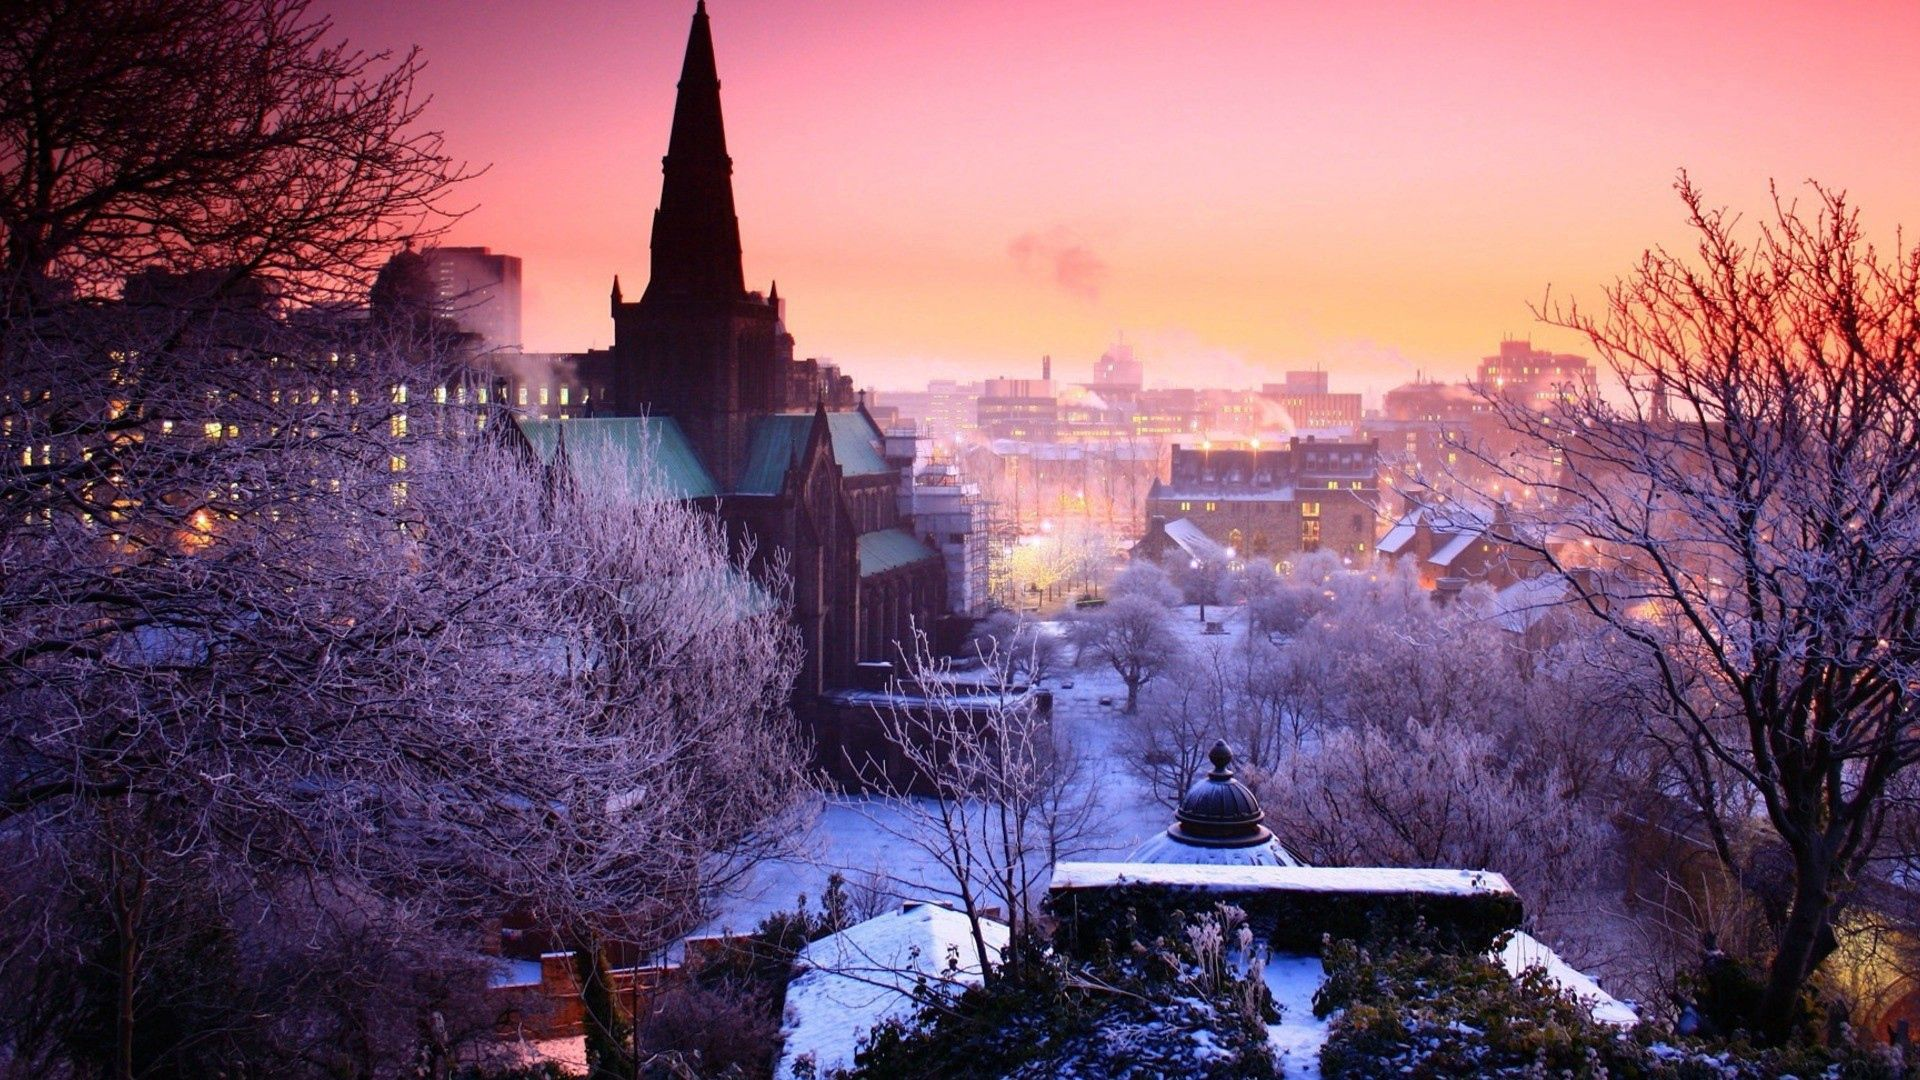 55895壁紙のダウンロード市, 都市, イブニング, 夕方, 冬, スカイ, 木-スクリーンセーバーと写真を無料で